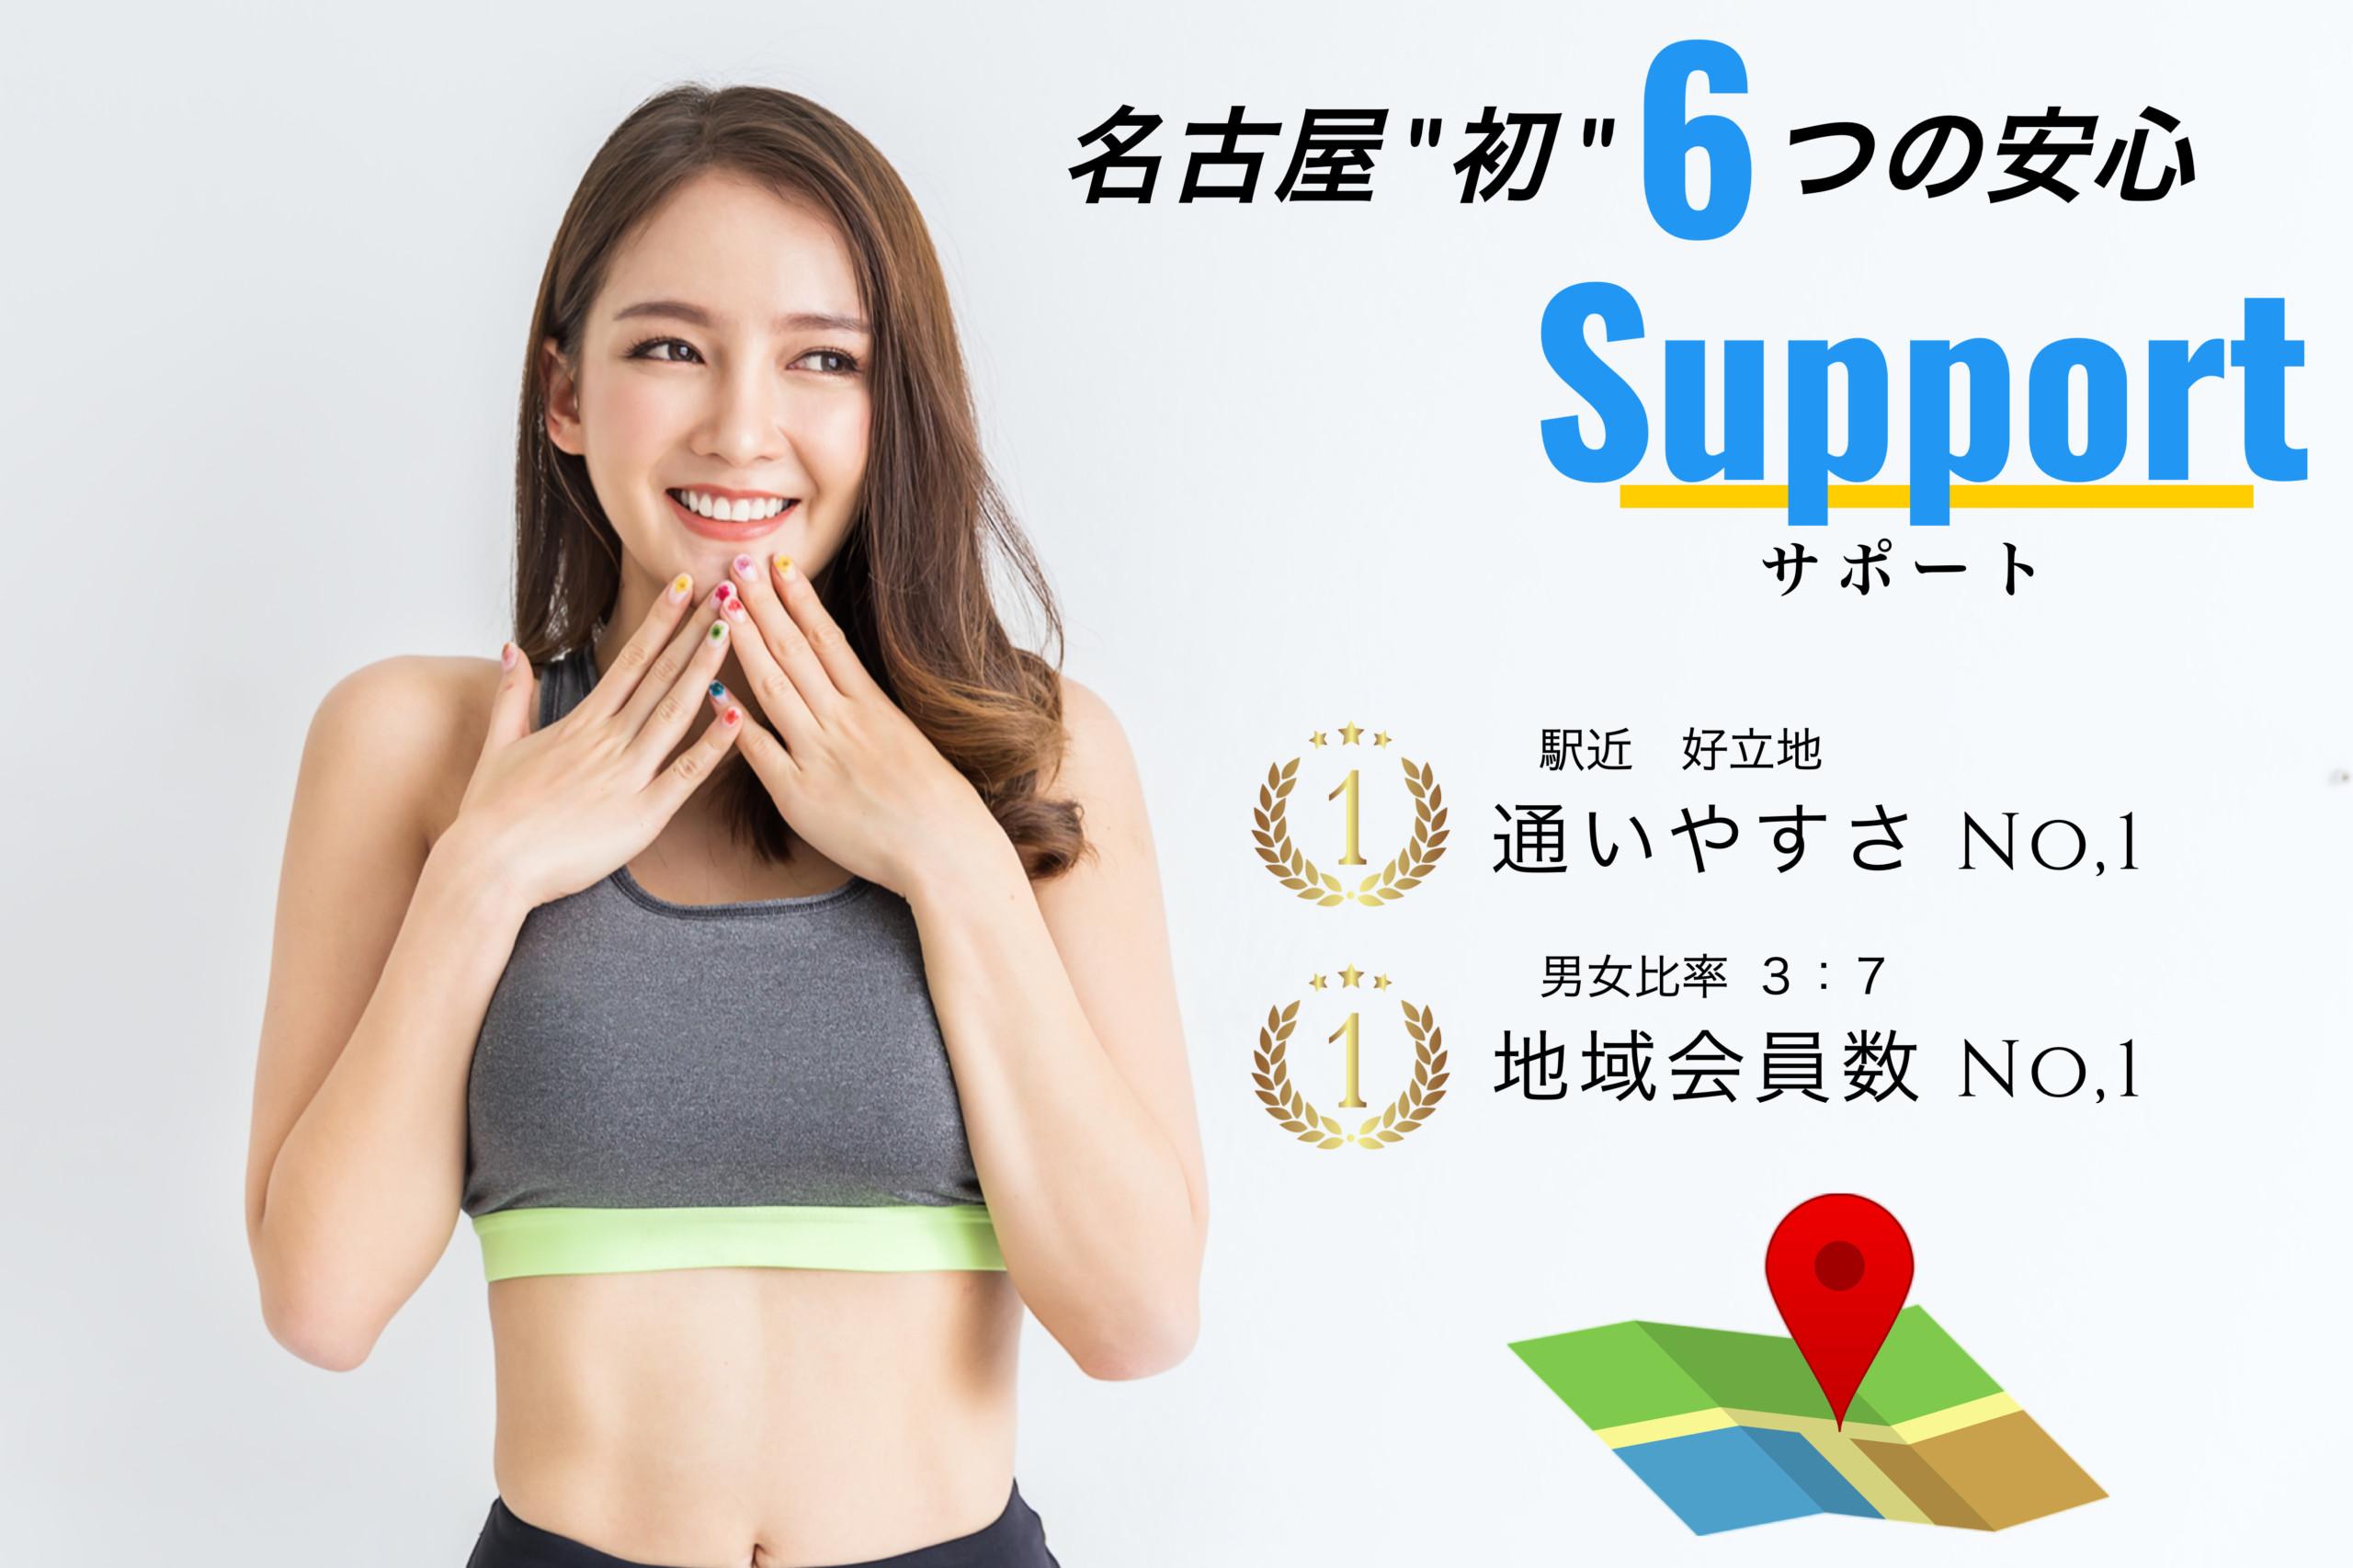 名古屋初の安心サポート